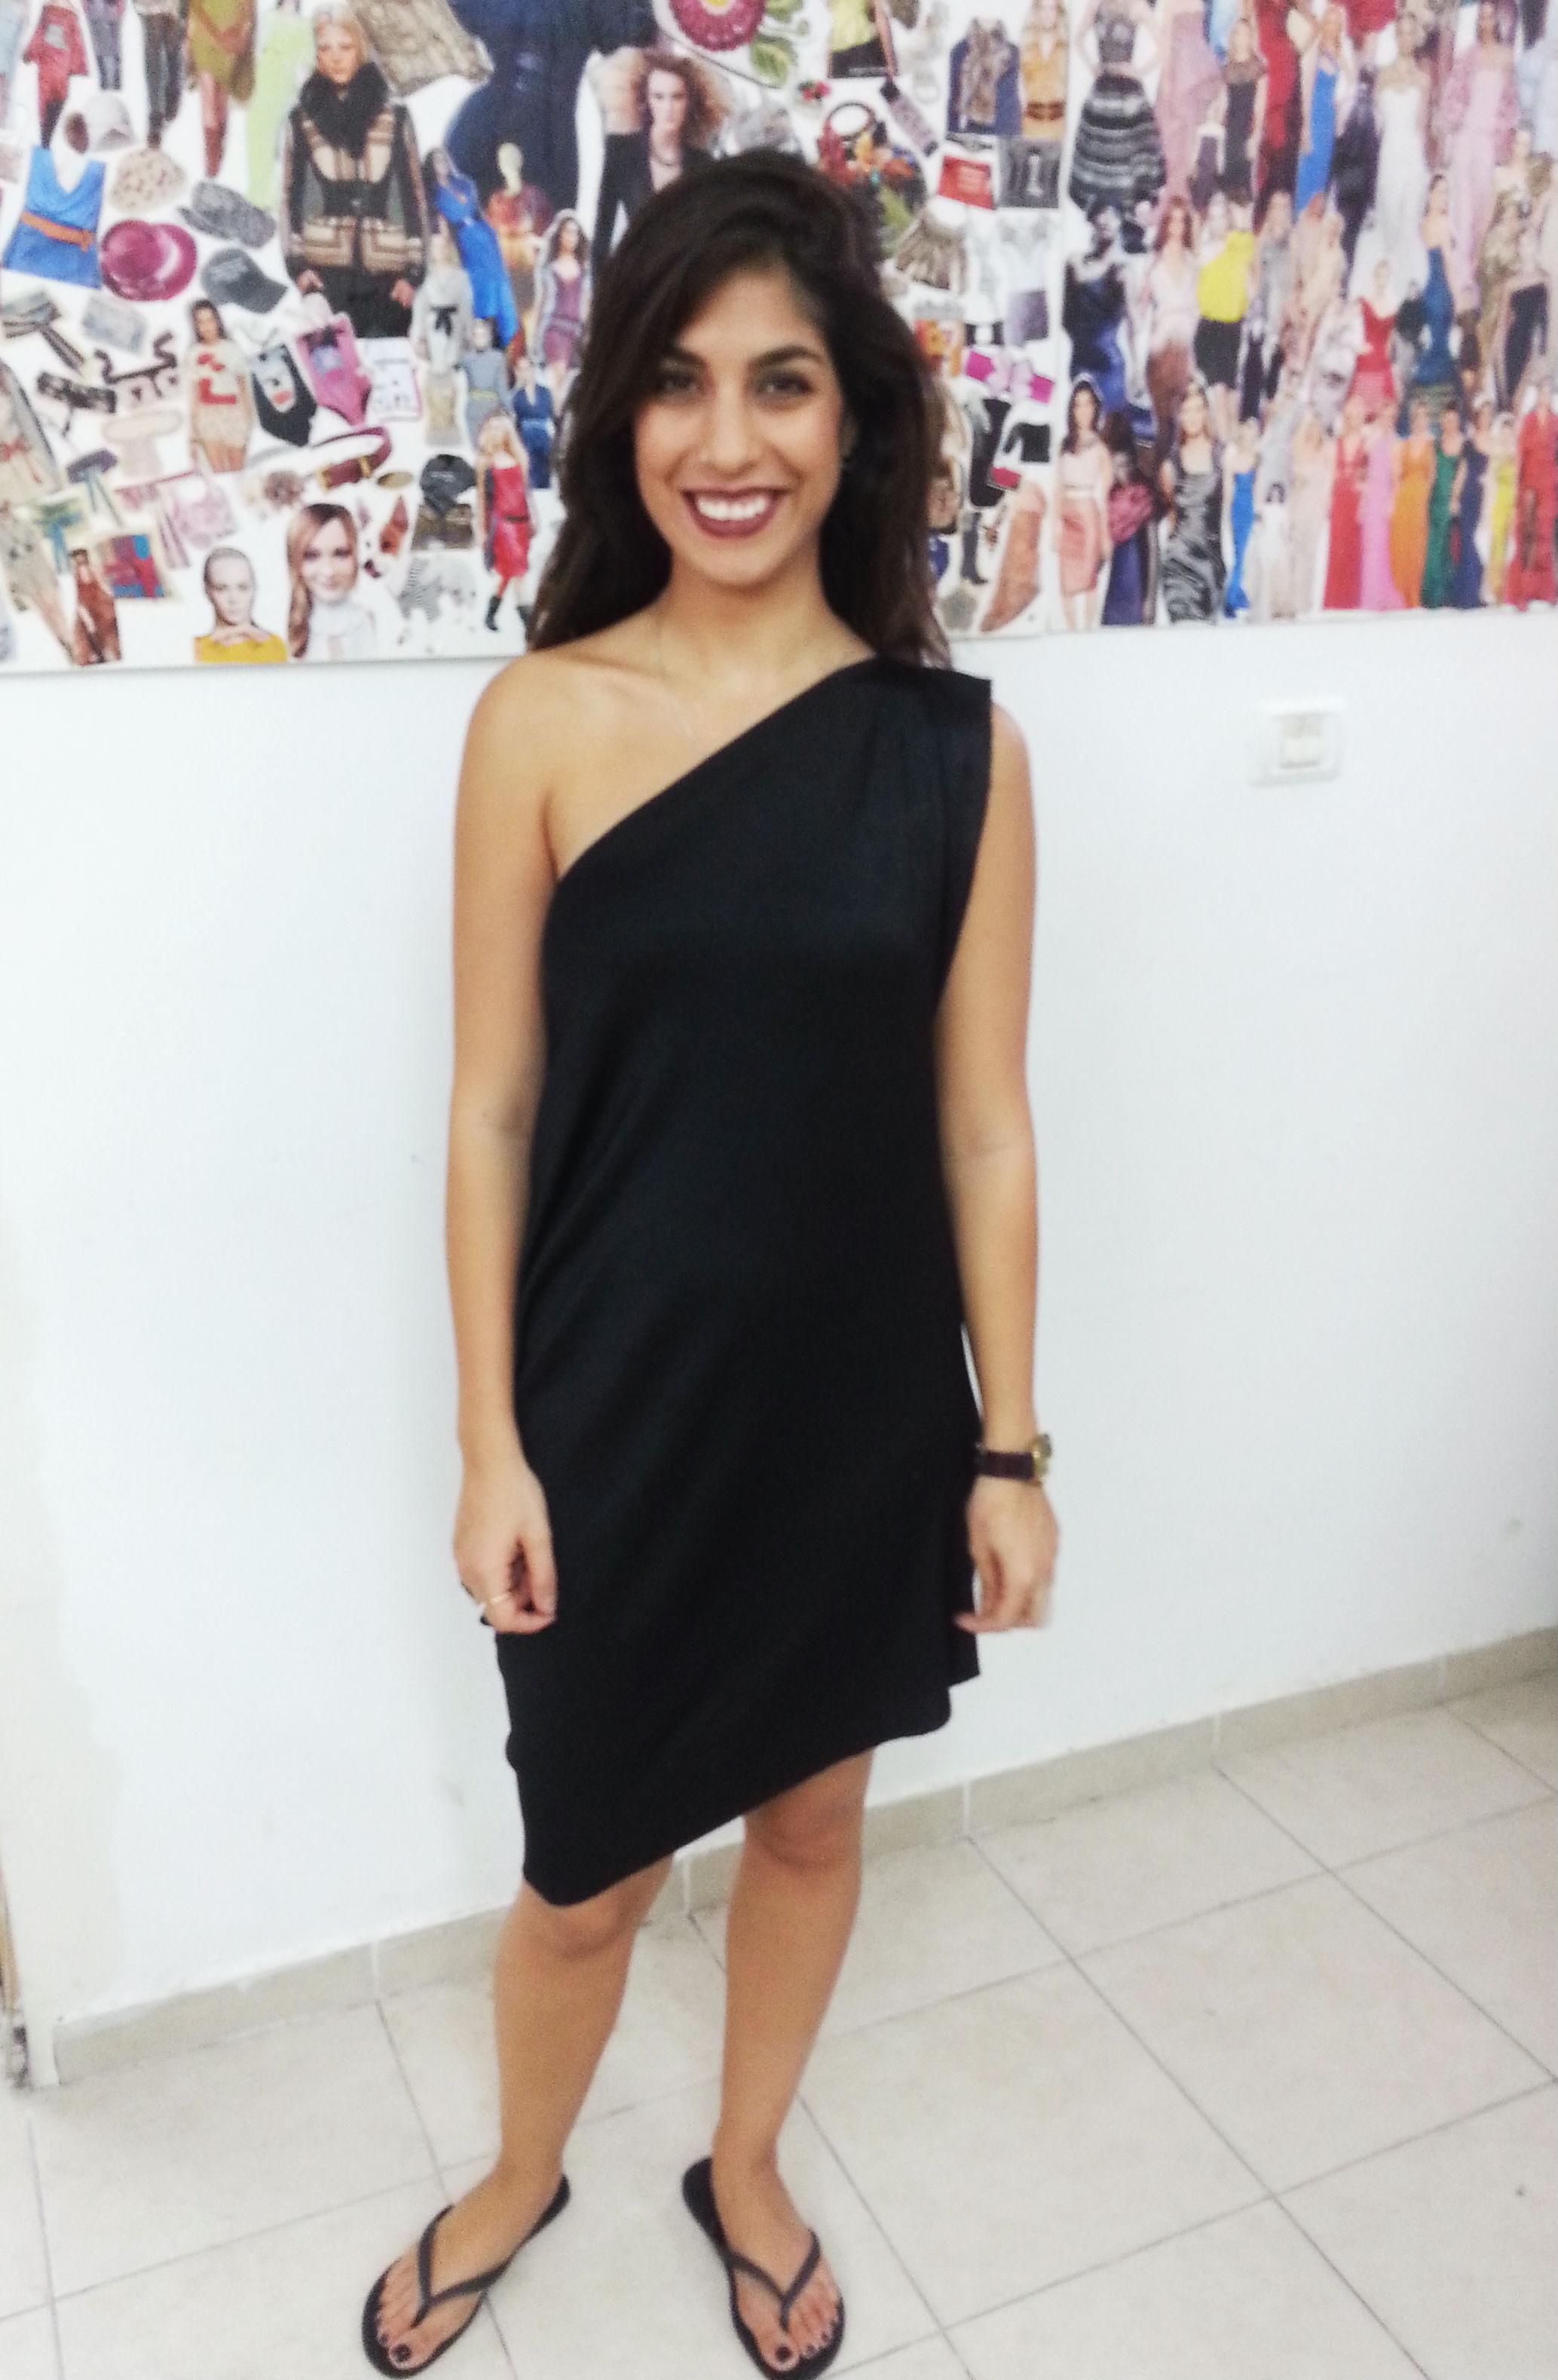 אדר בשמלה בעיצובה